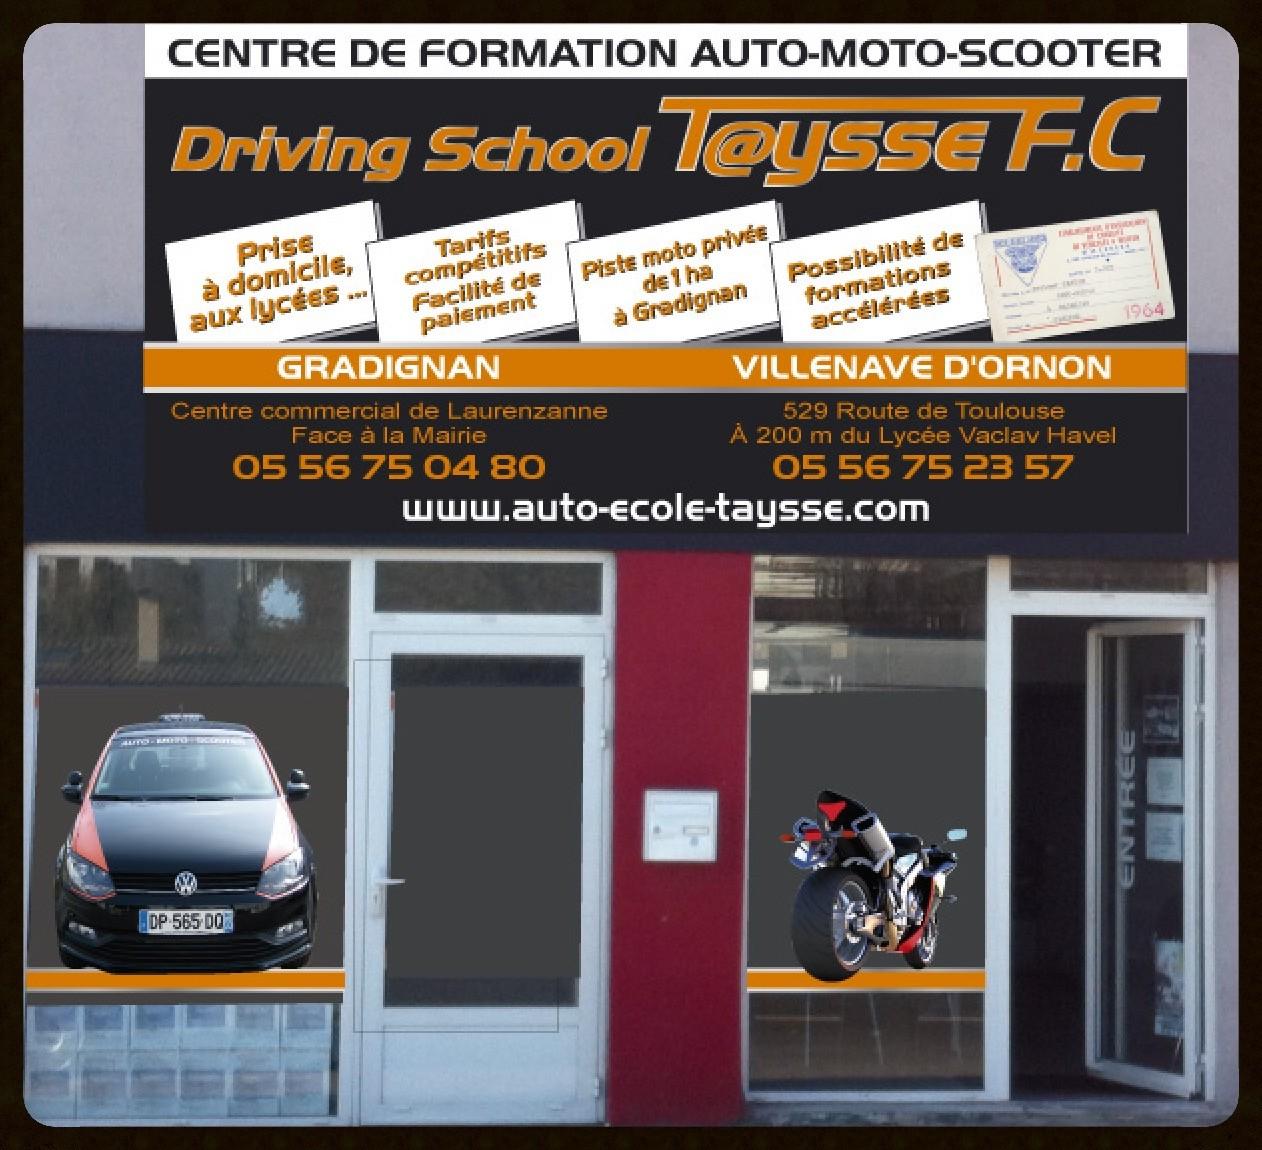 Centre de formation auto moto scooter Villenave d'Ornon